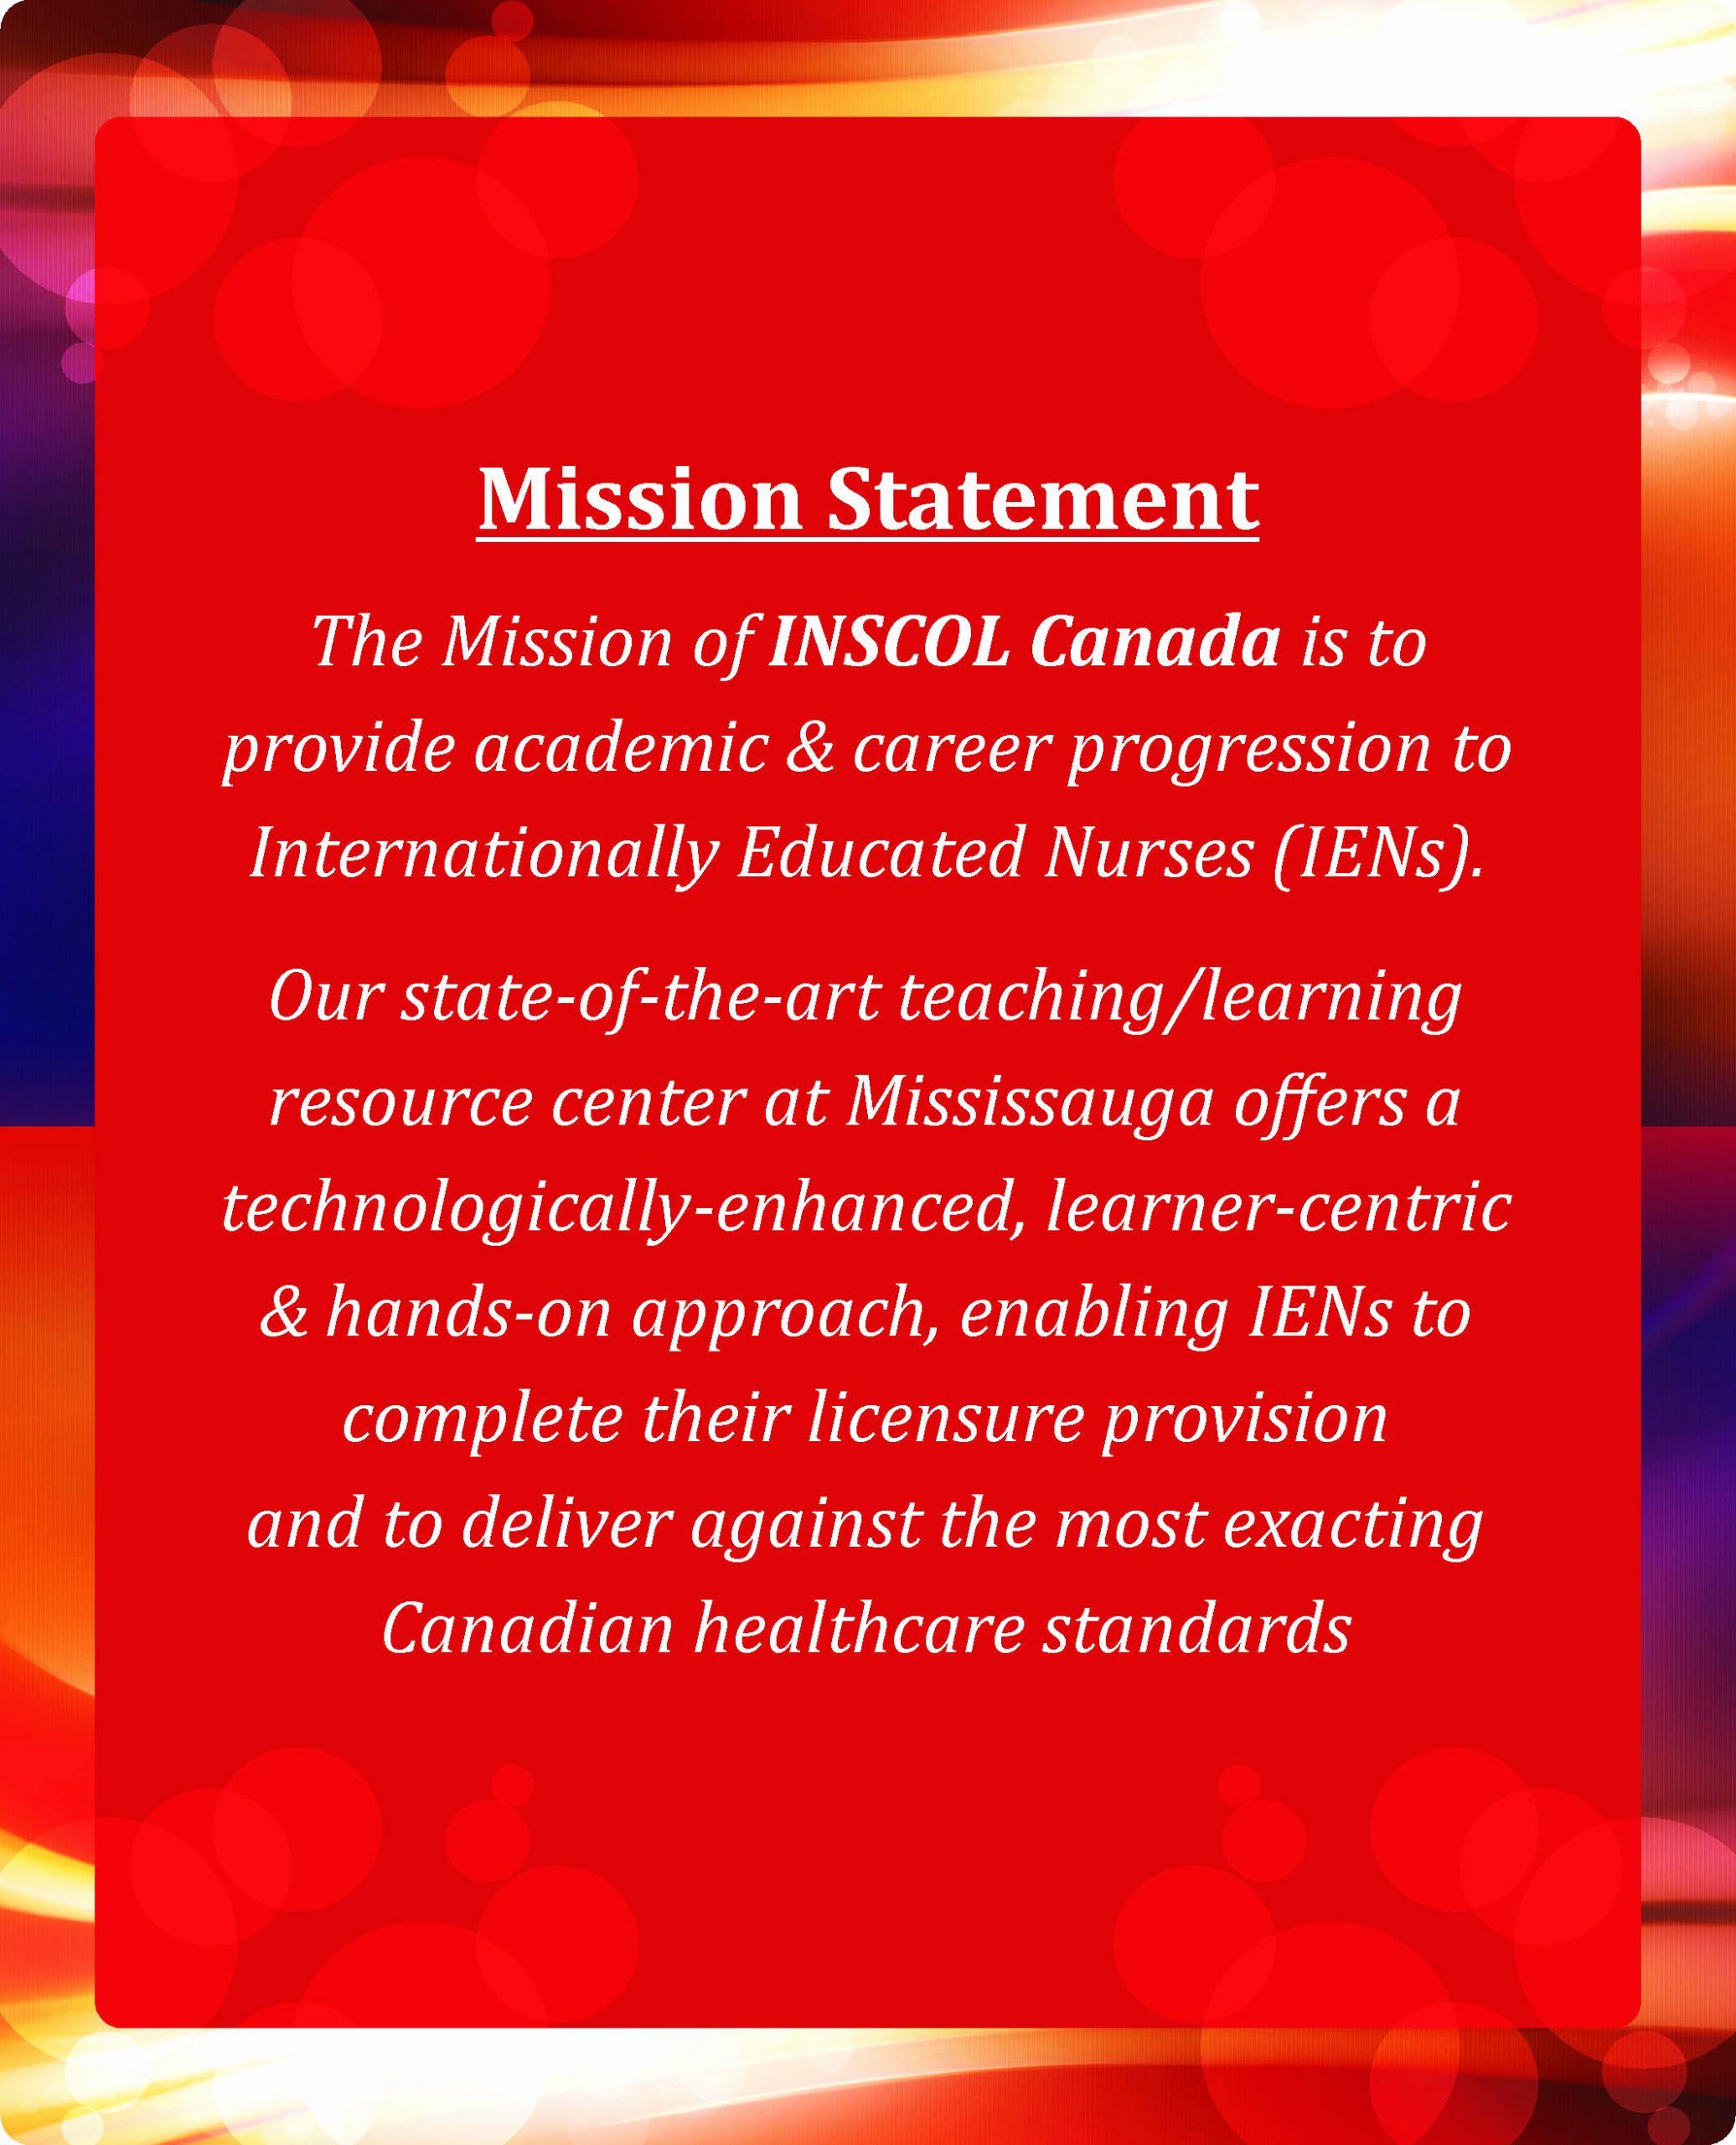 Personal Nursing Mission Statements Elegant Inscol Mission Statement Nursing Programs In Ca Uk Uas Aus Nz